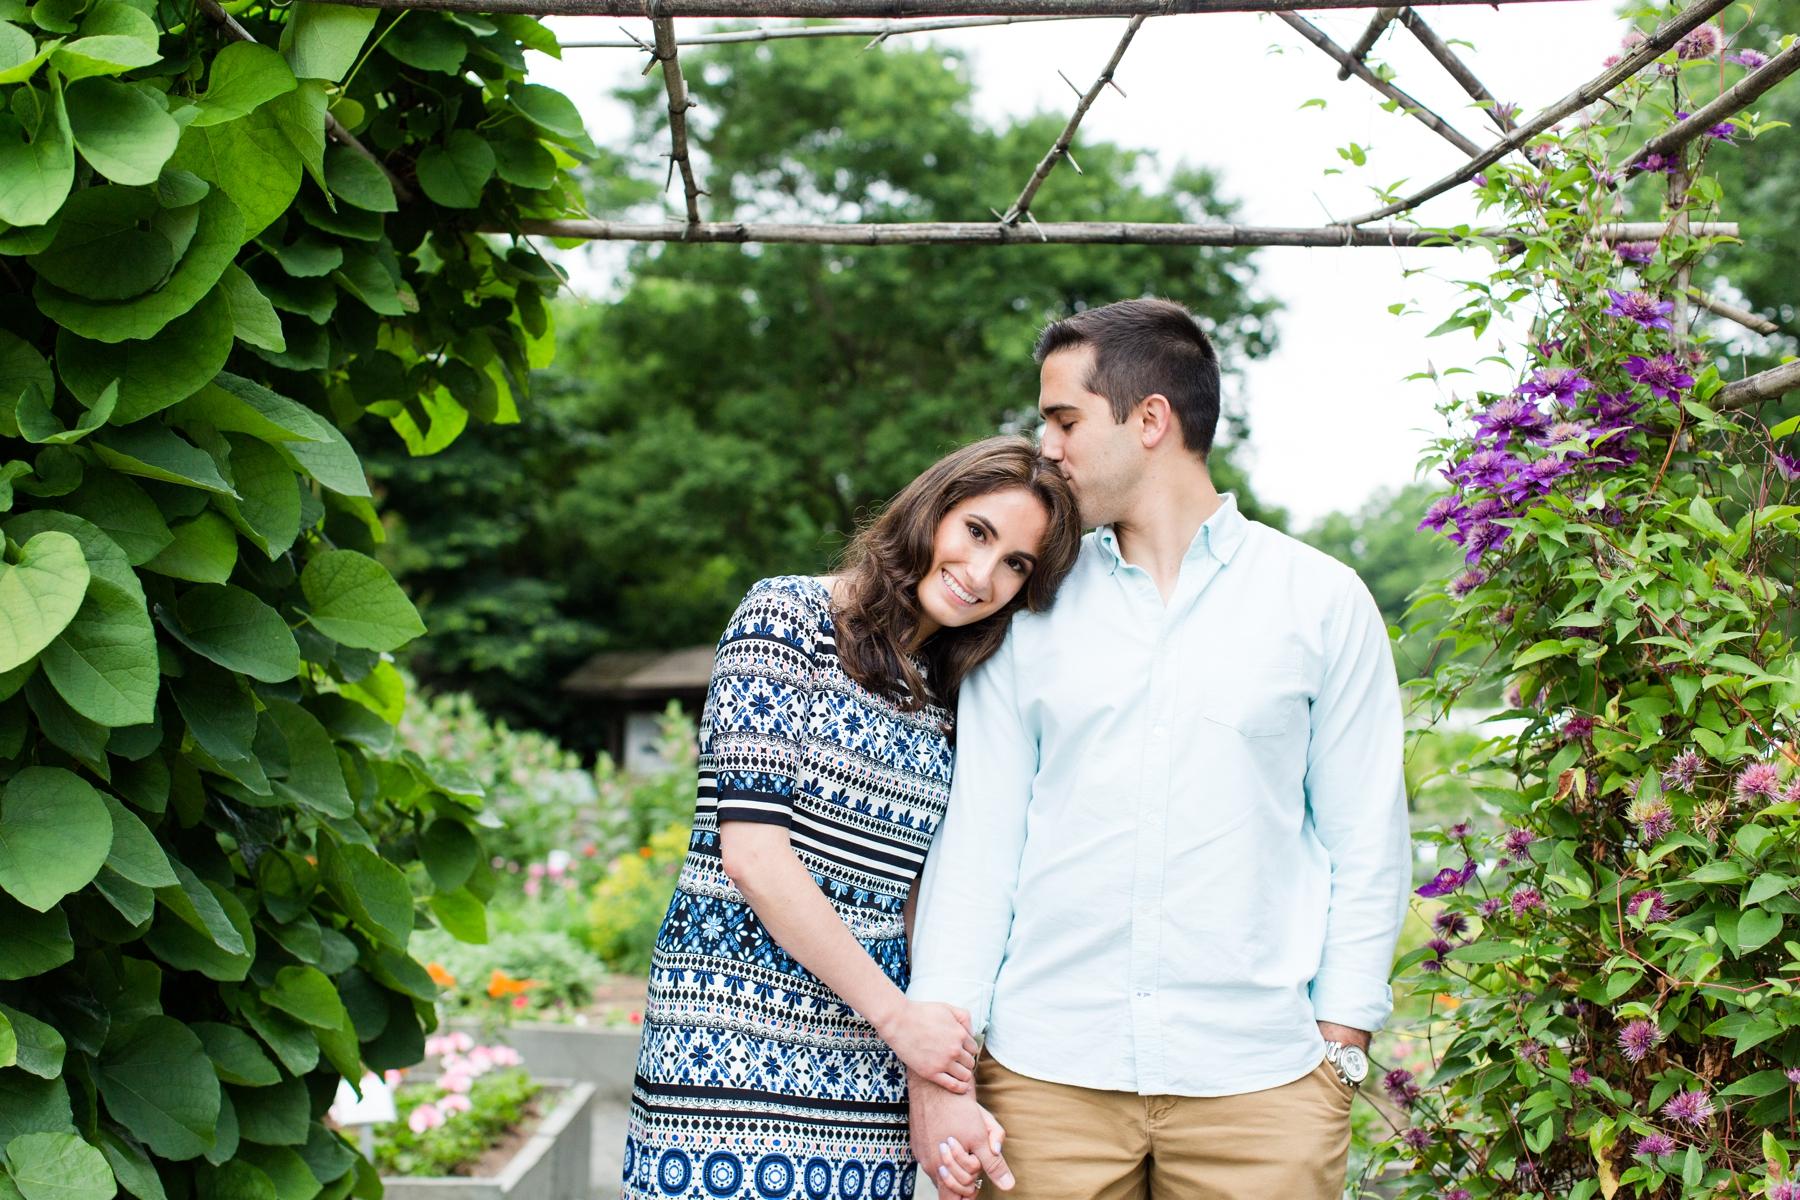 Miyako + Nathan's Engagement Photography at Deep Cut Gardens